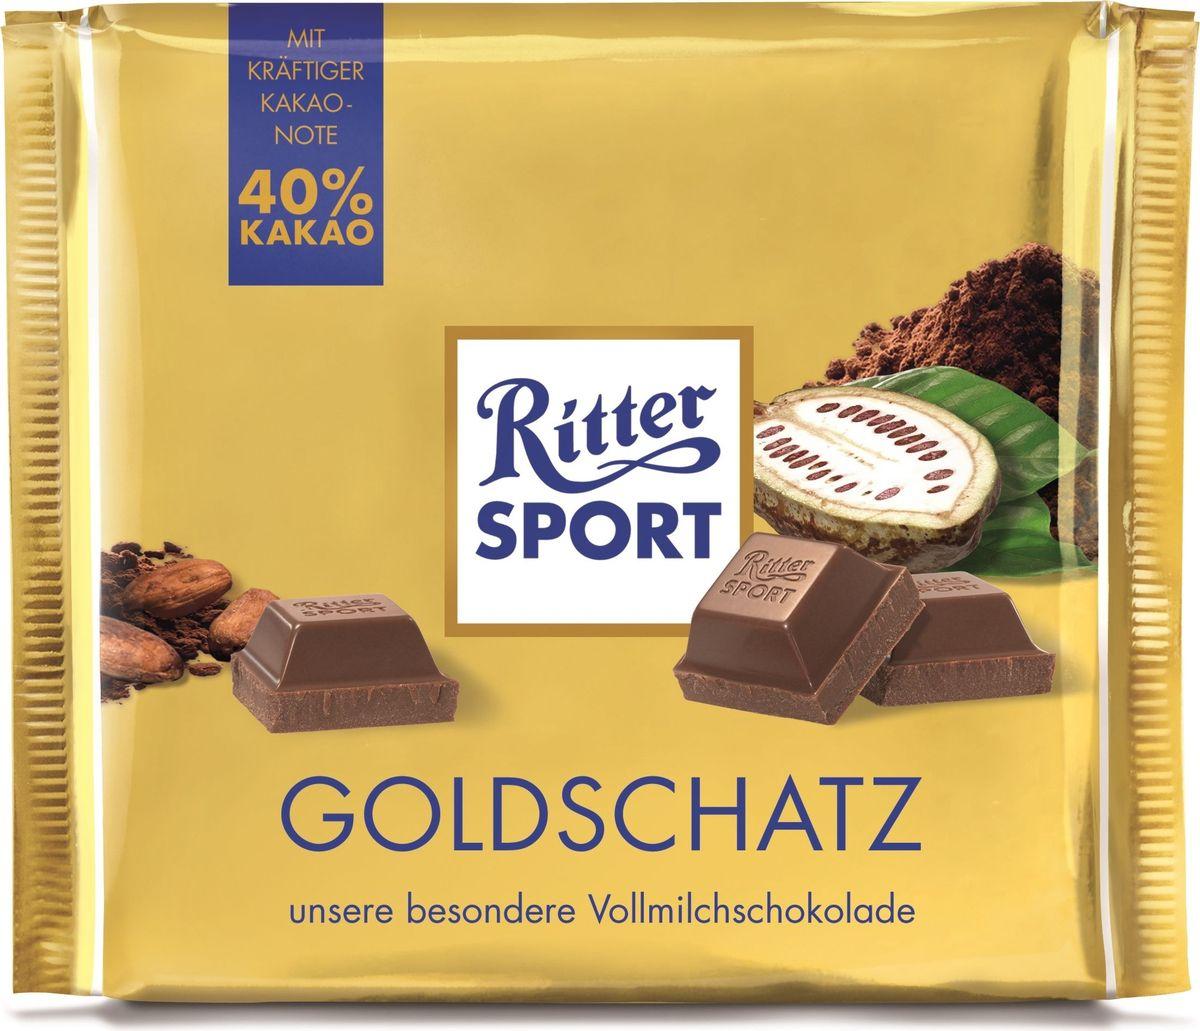 Ritter Sport Goldschatz, 250 г ritter sport лесной орех шоколад молочный с обжаренным орехом лещины 100 г